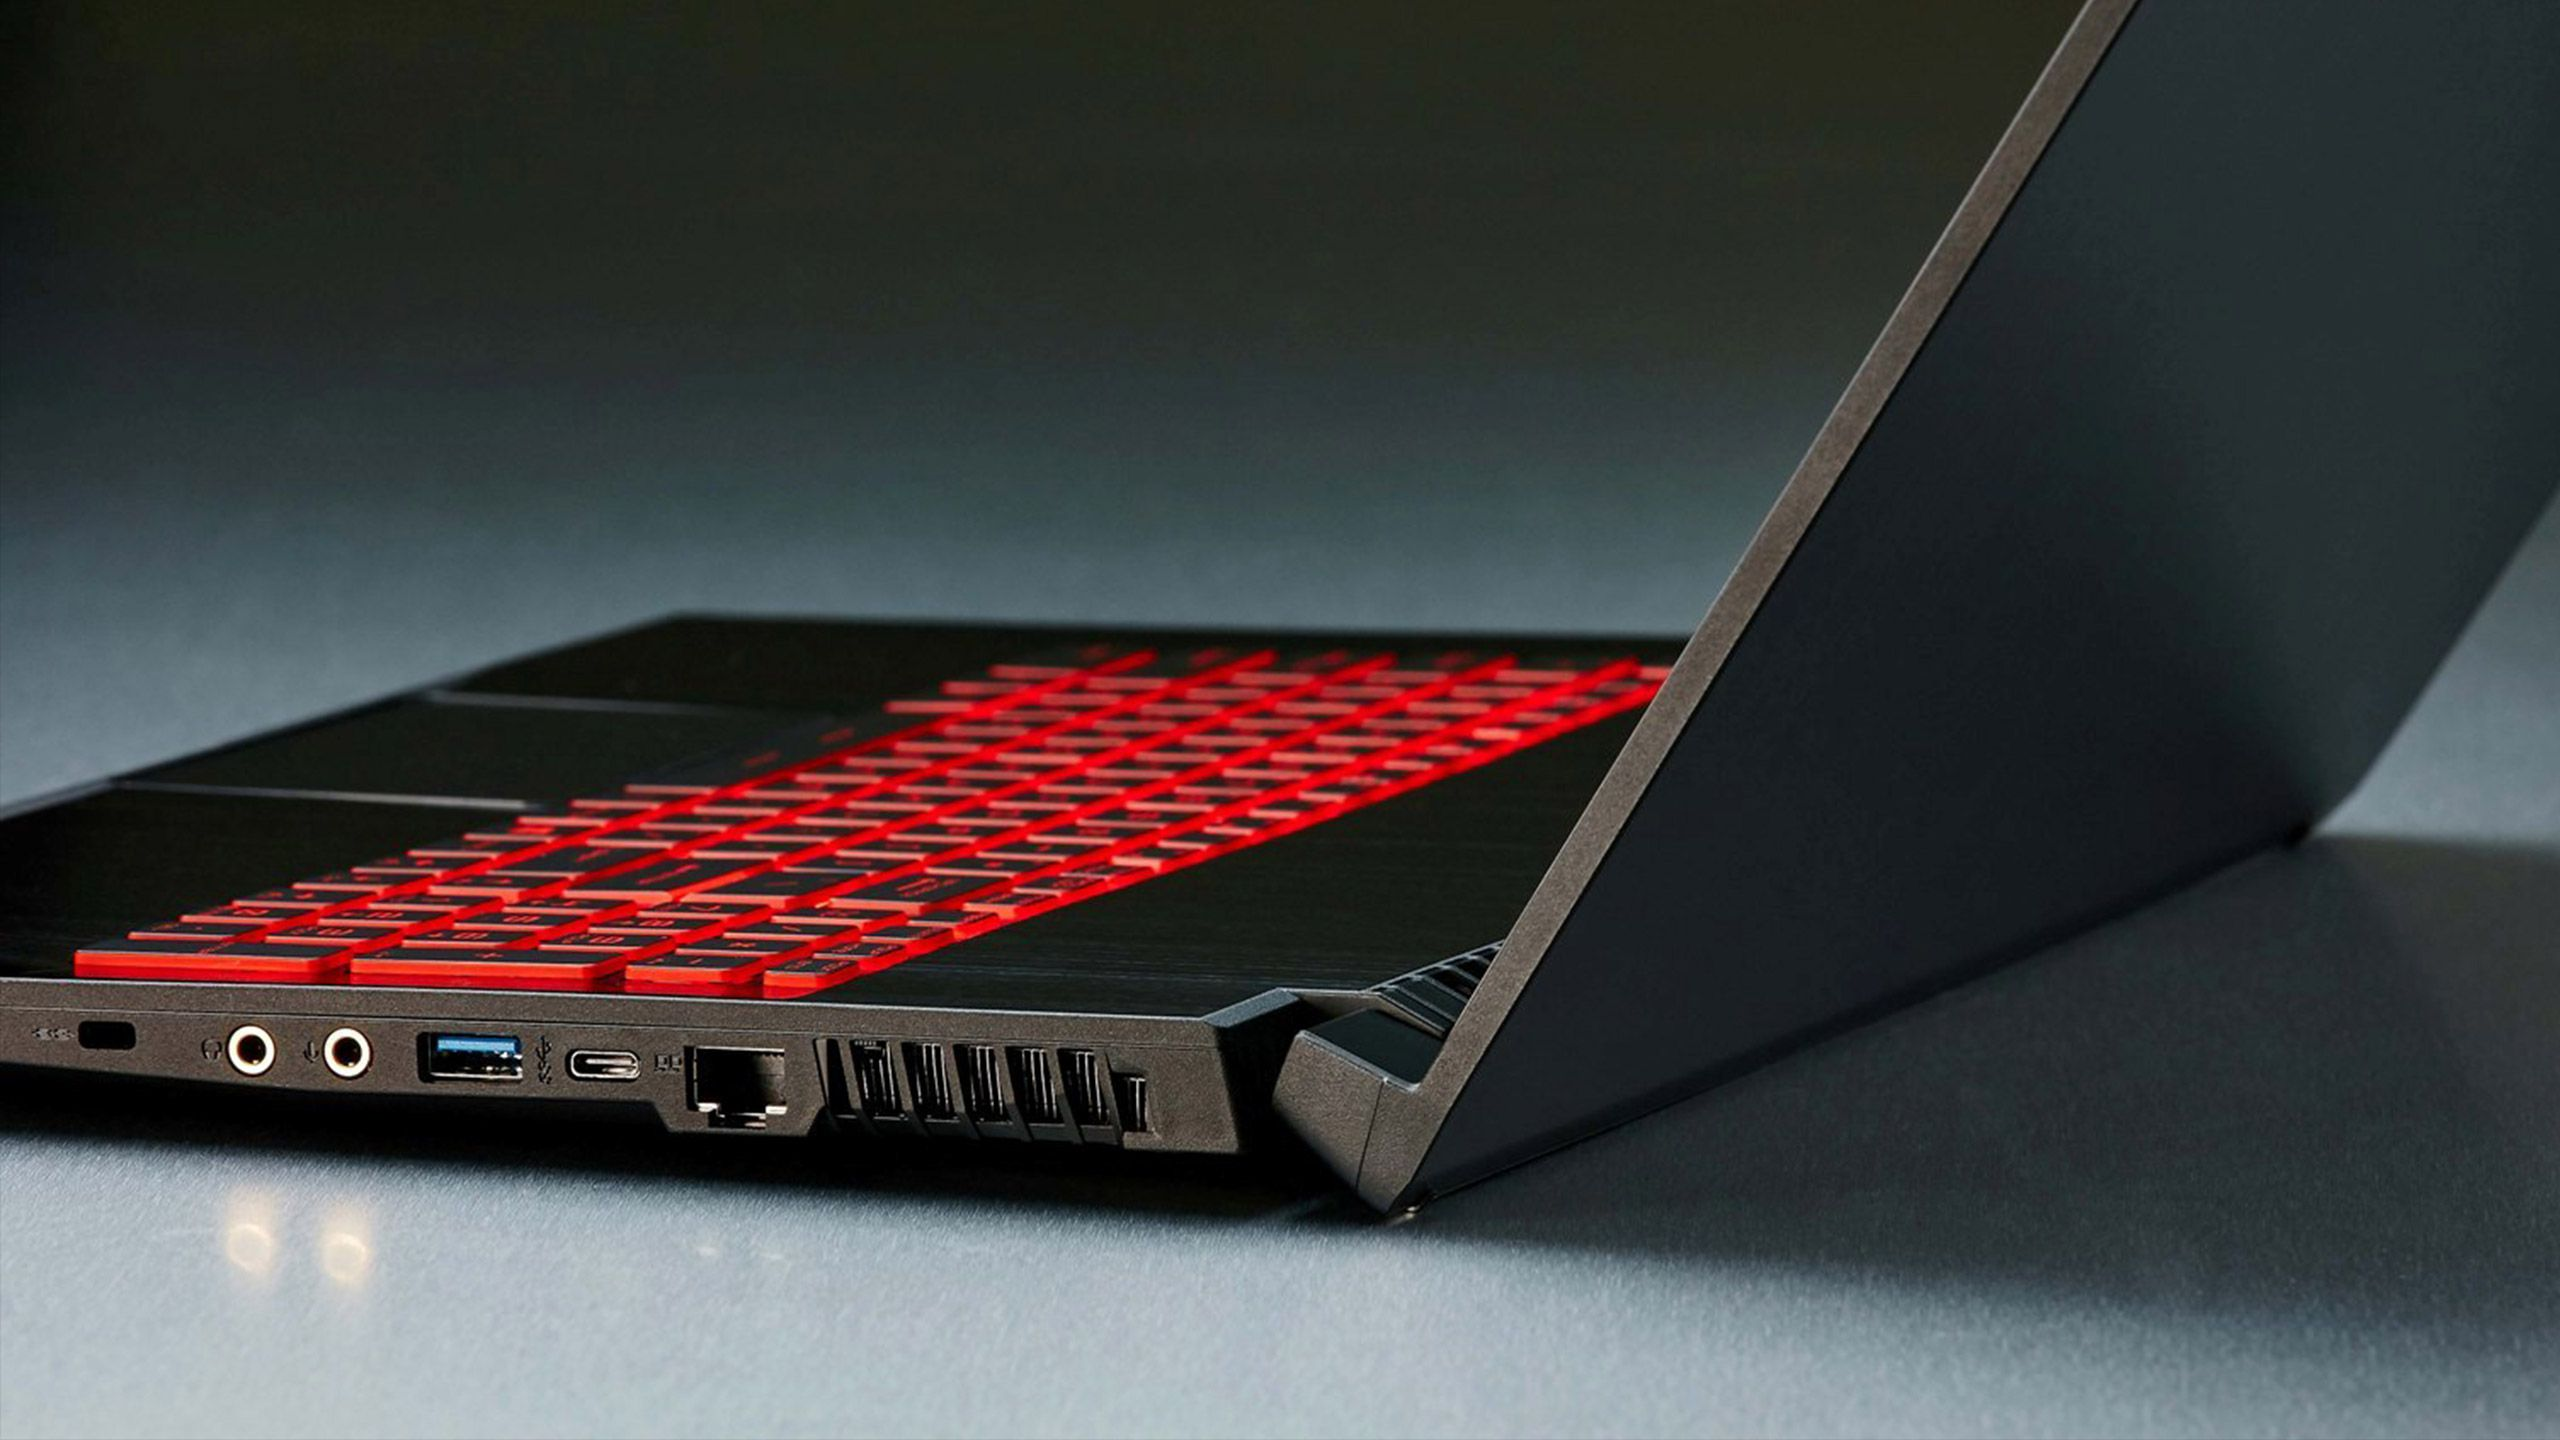 bàn phím led đỏ đẹp mắt của gl75 9sd